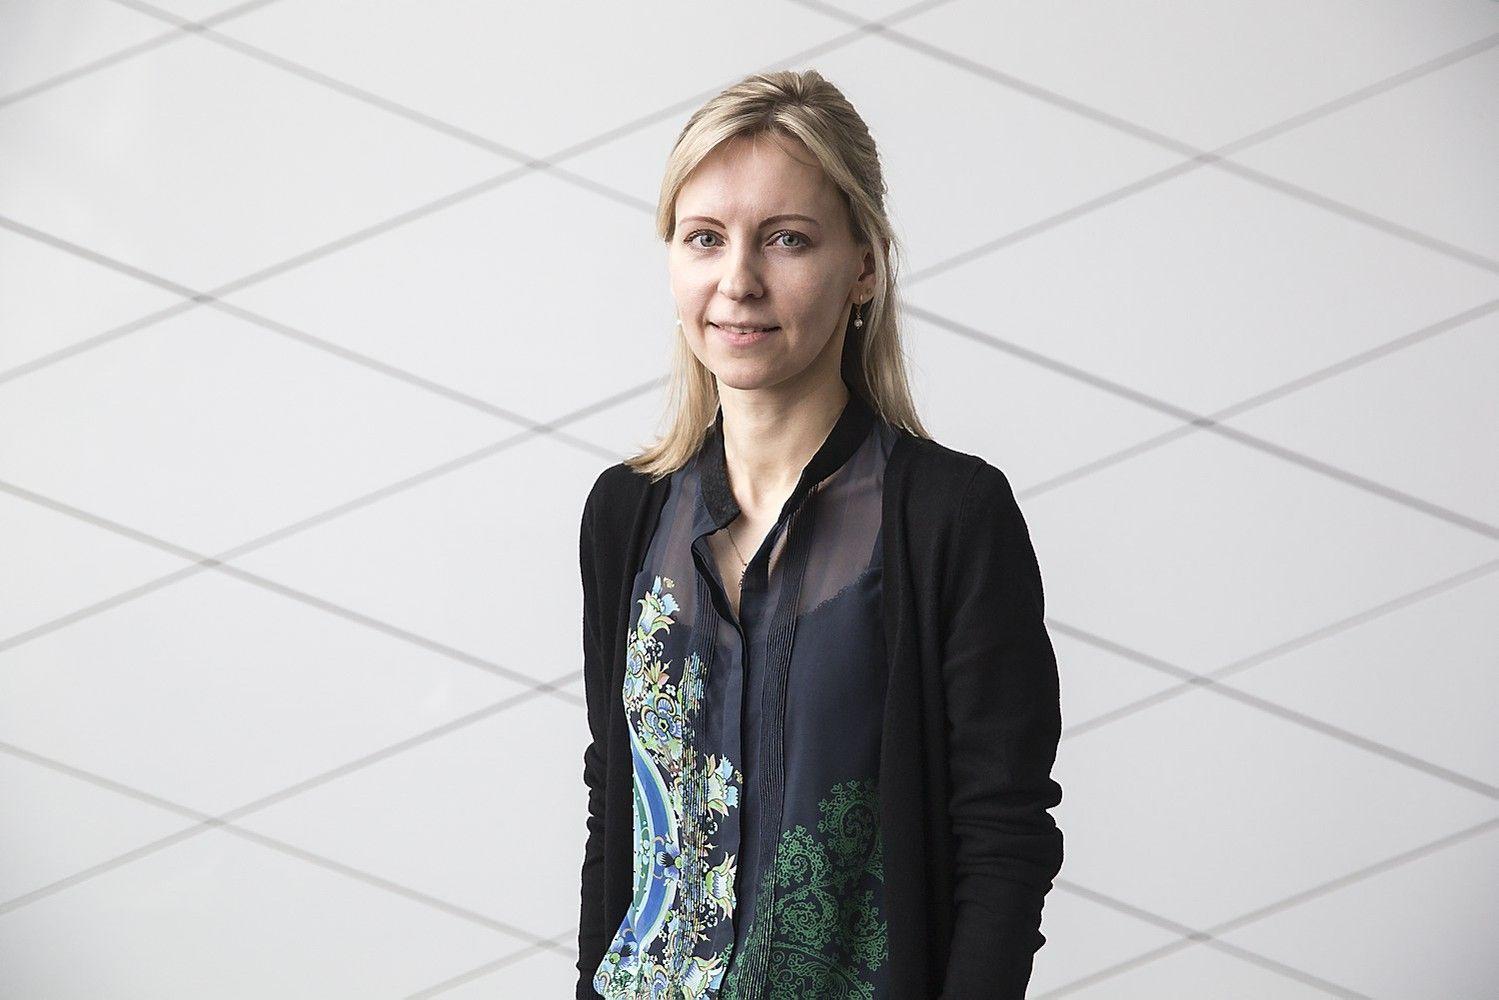 Reakcija į Šiaulių banko rezultatus: fiksavo, sunerimo, naudojosi proga